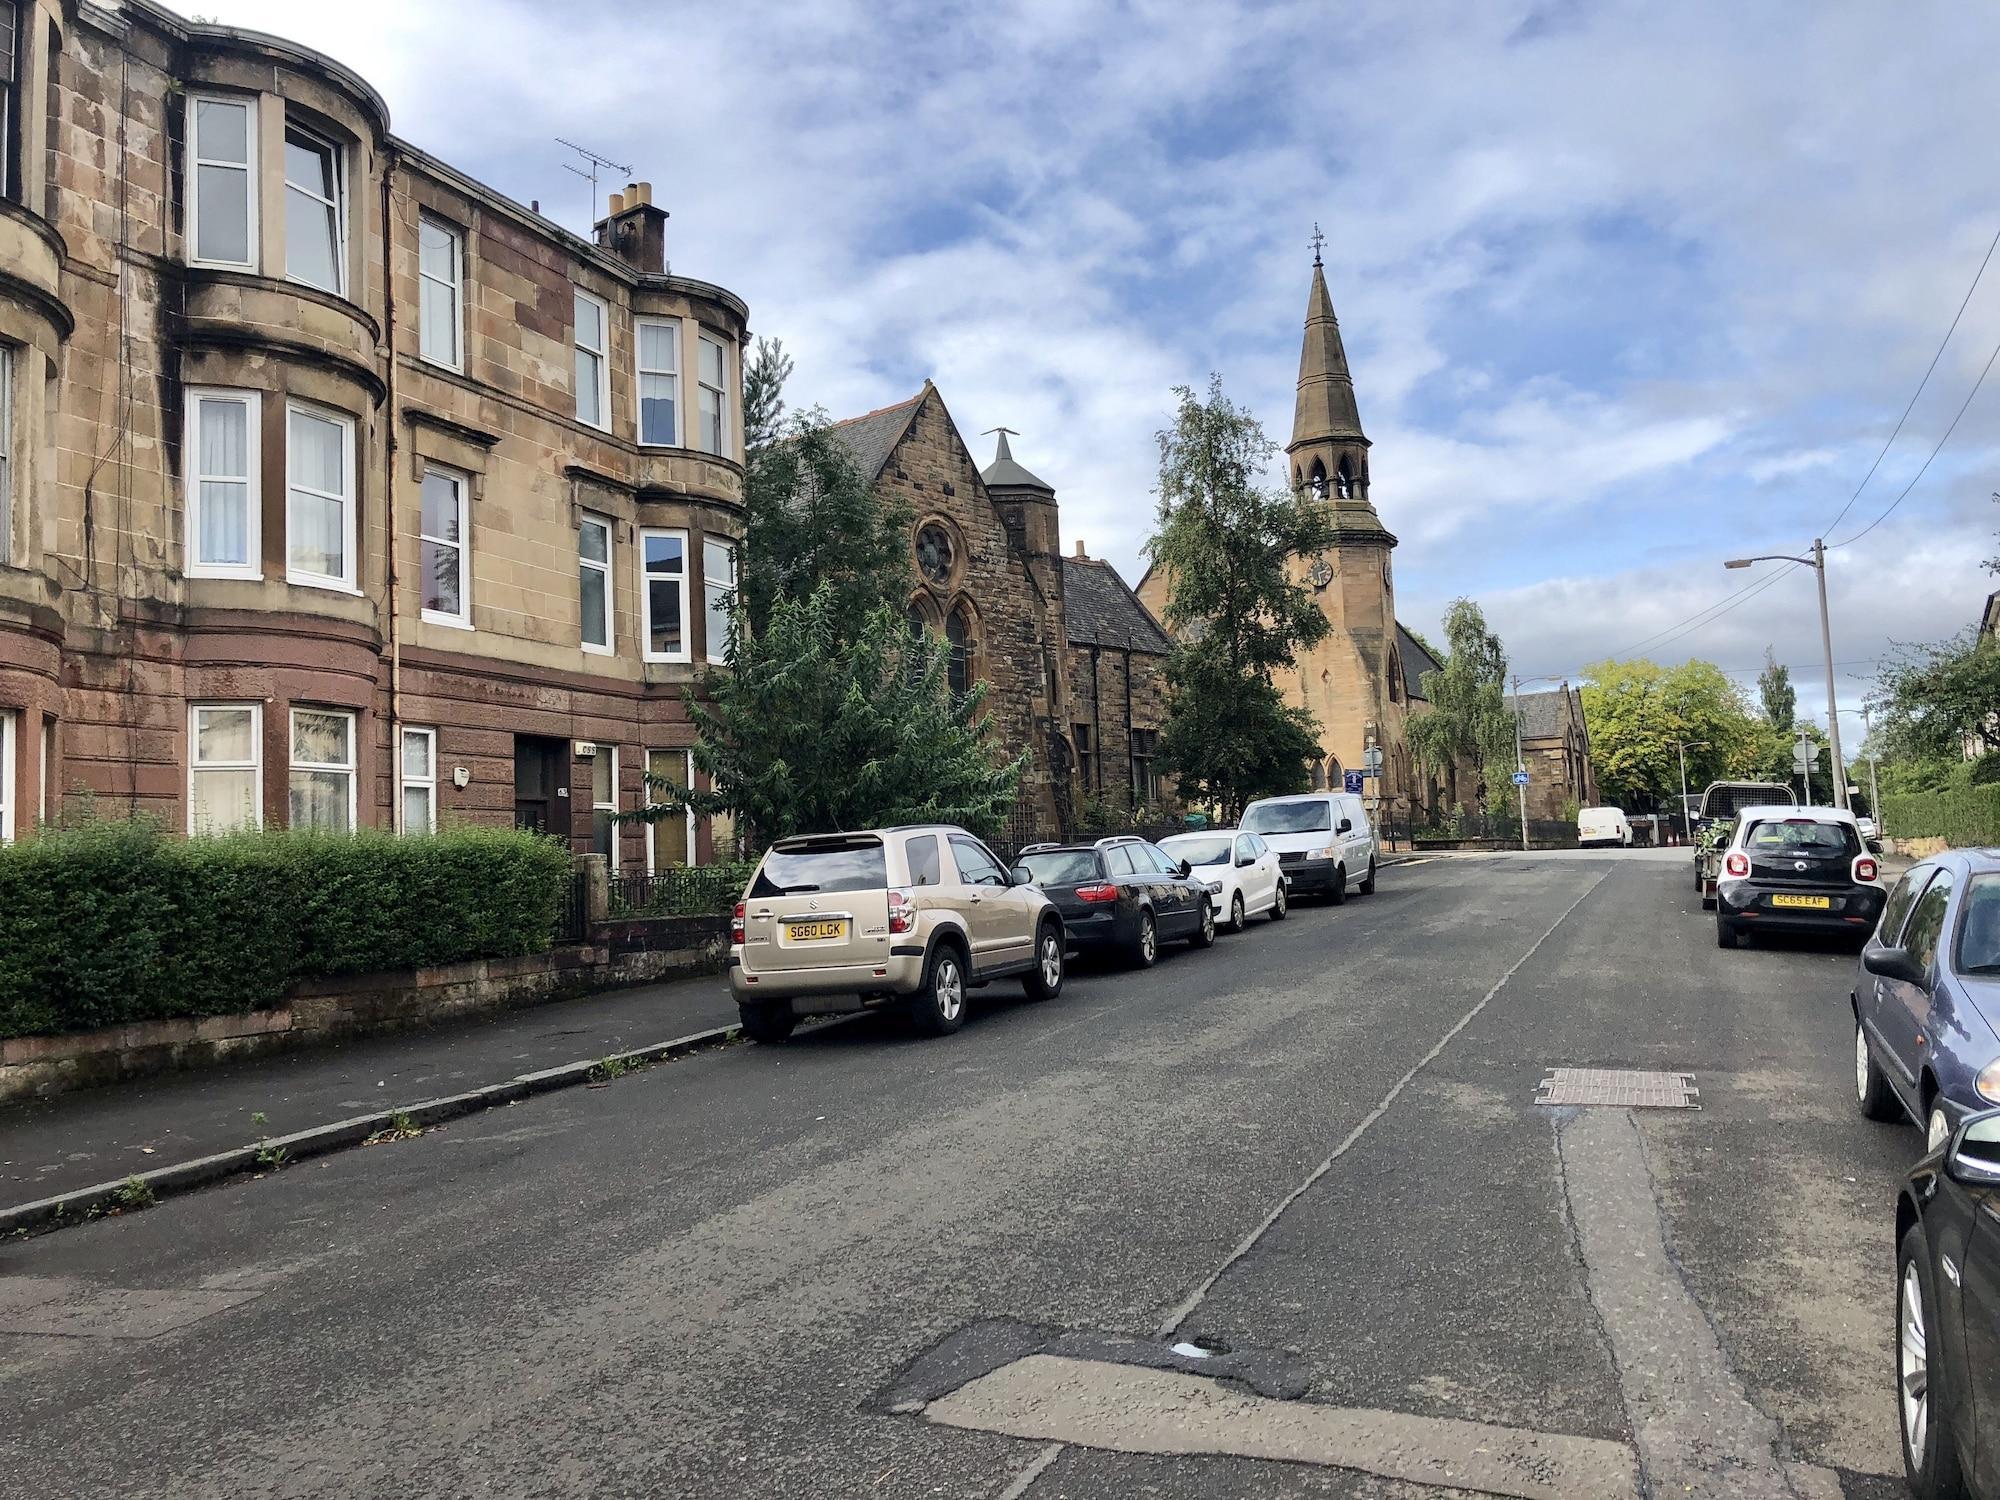 Clifford Street Flat